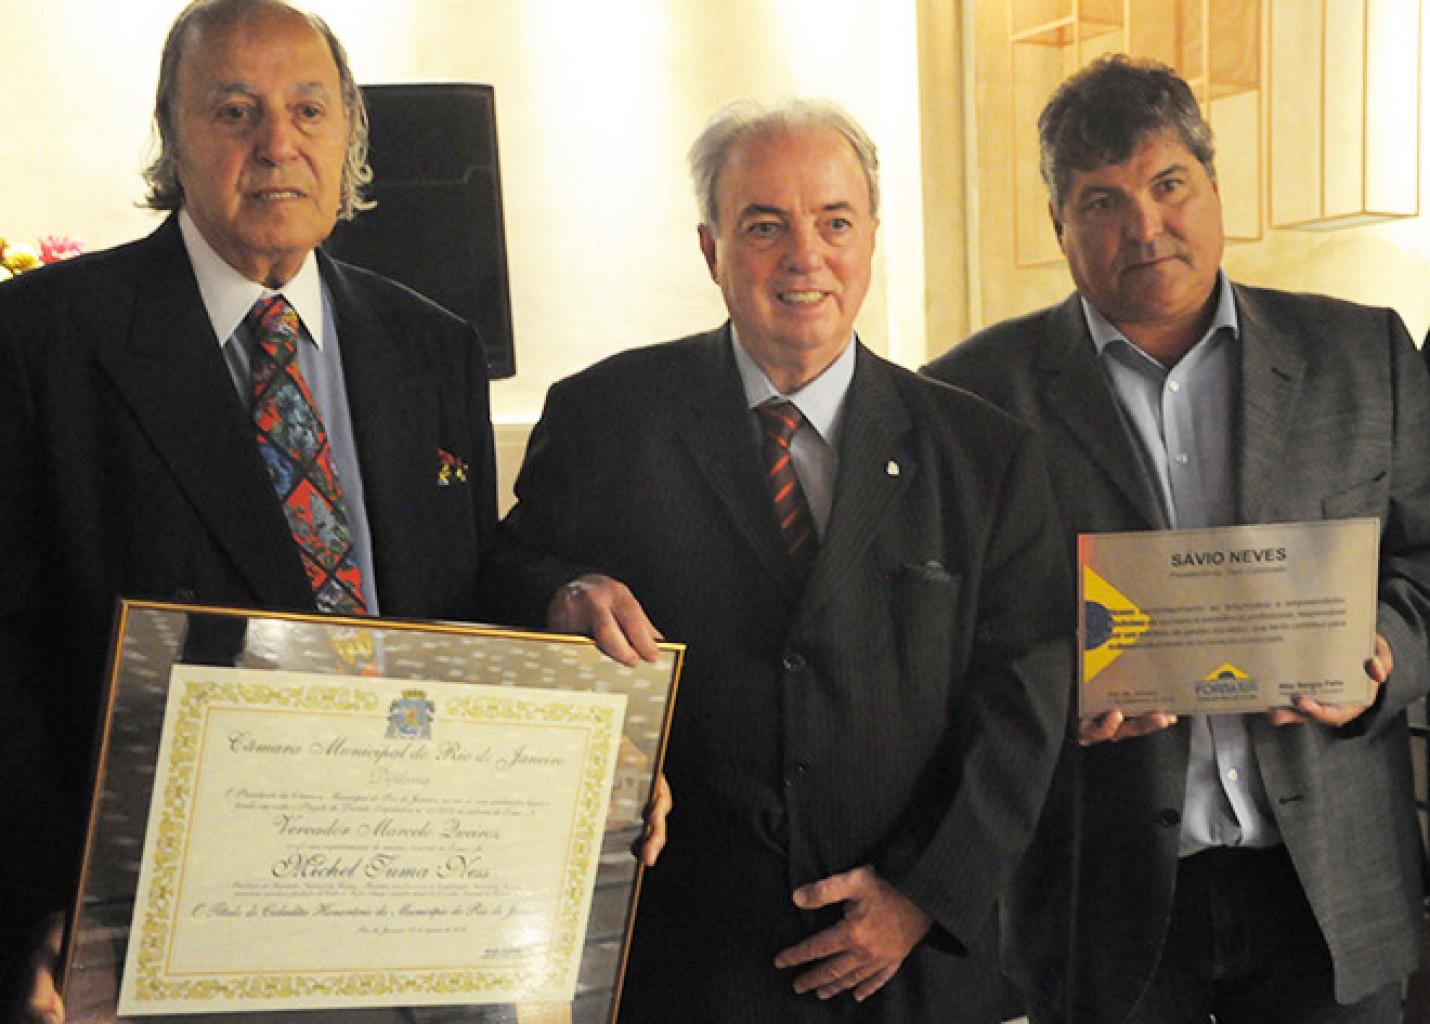 Fornatur homenageia Sávio Neves e Michel Tuma Ness; veja fotos